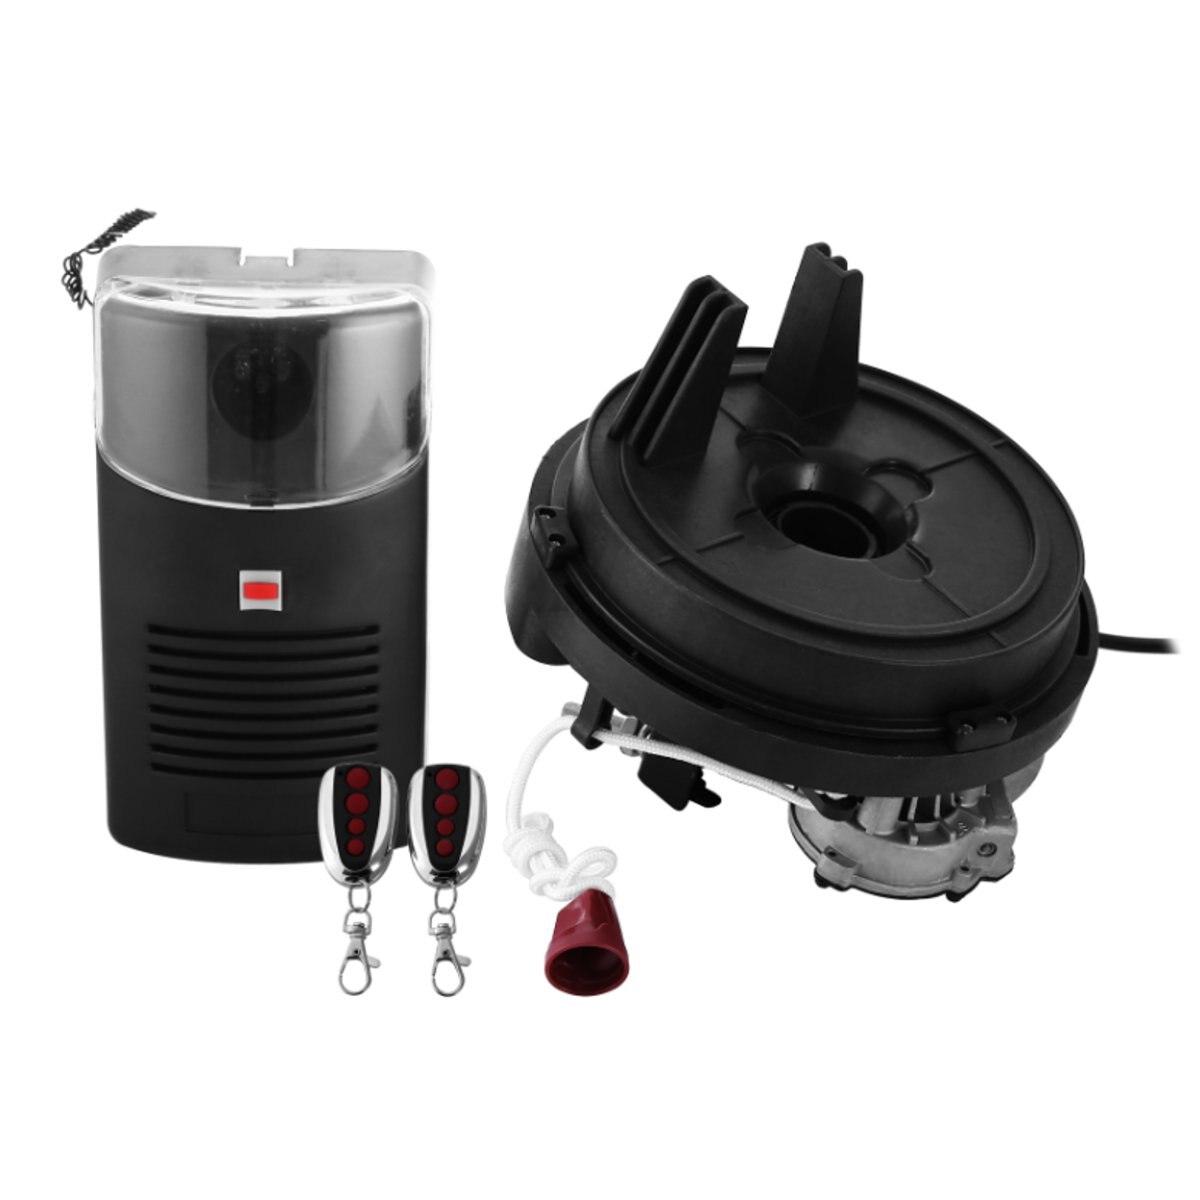 80 W 433 MHZ 250N ouvre-porte de rouleau de Garage moteur porte roulante automatique télécommande porte coulissante Machine ouvre-porte électrique - 2